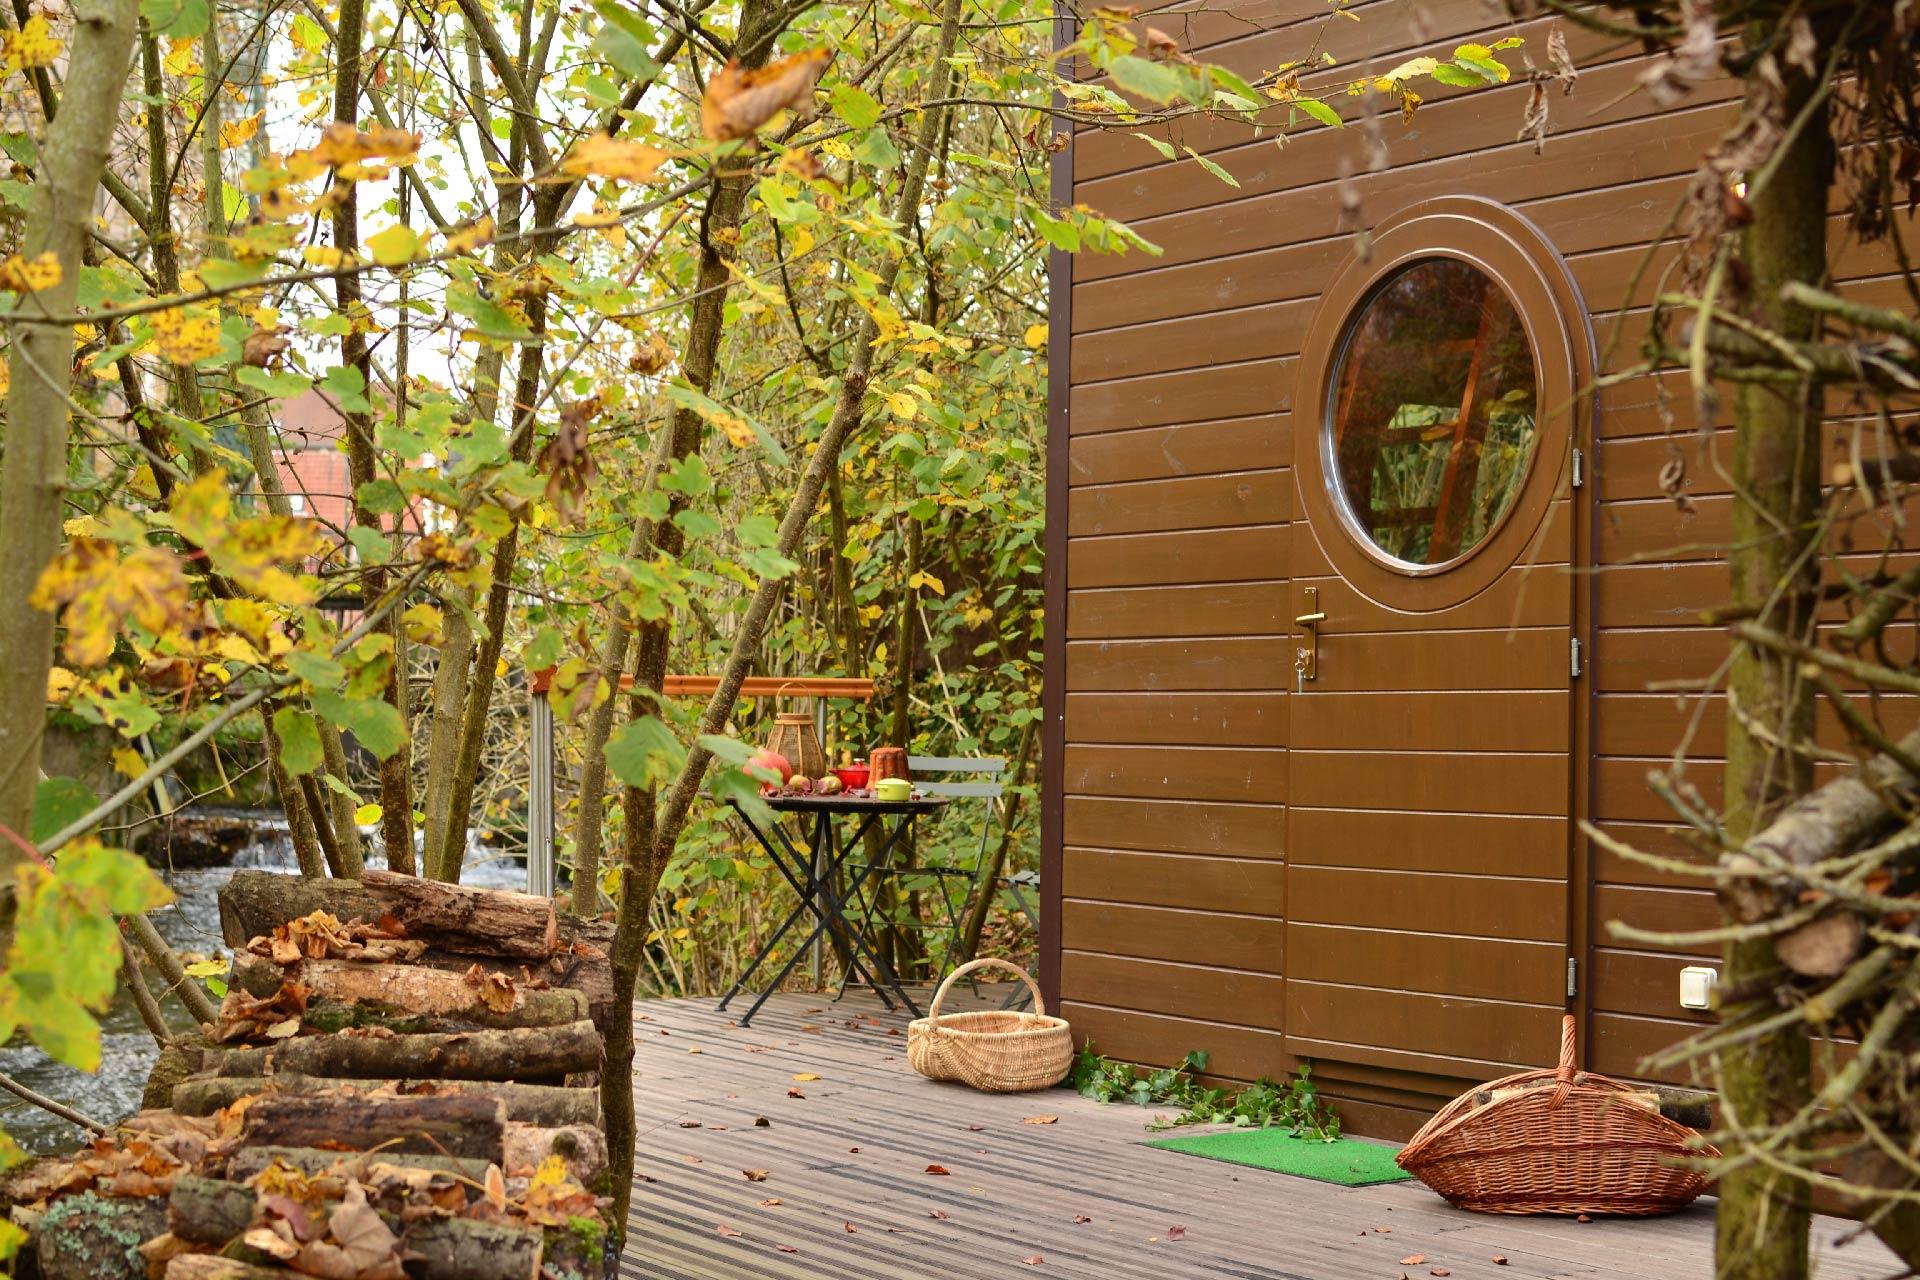 automne-maison-omignon-sejour-amoureux